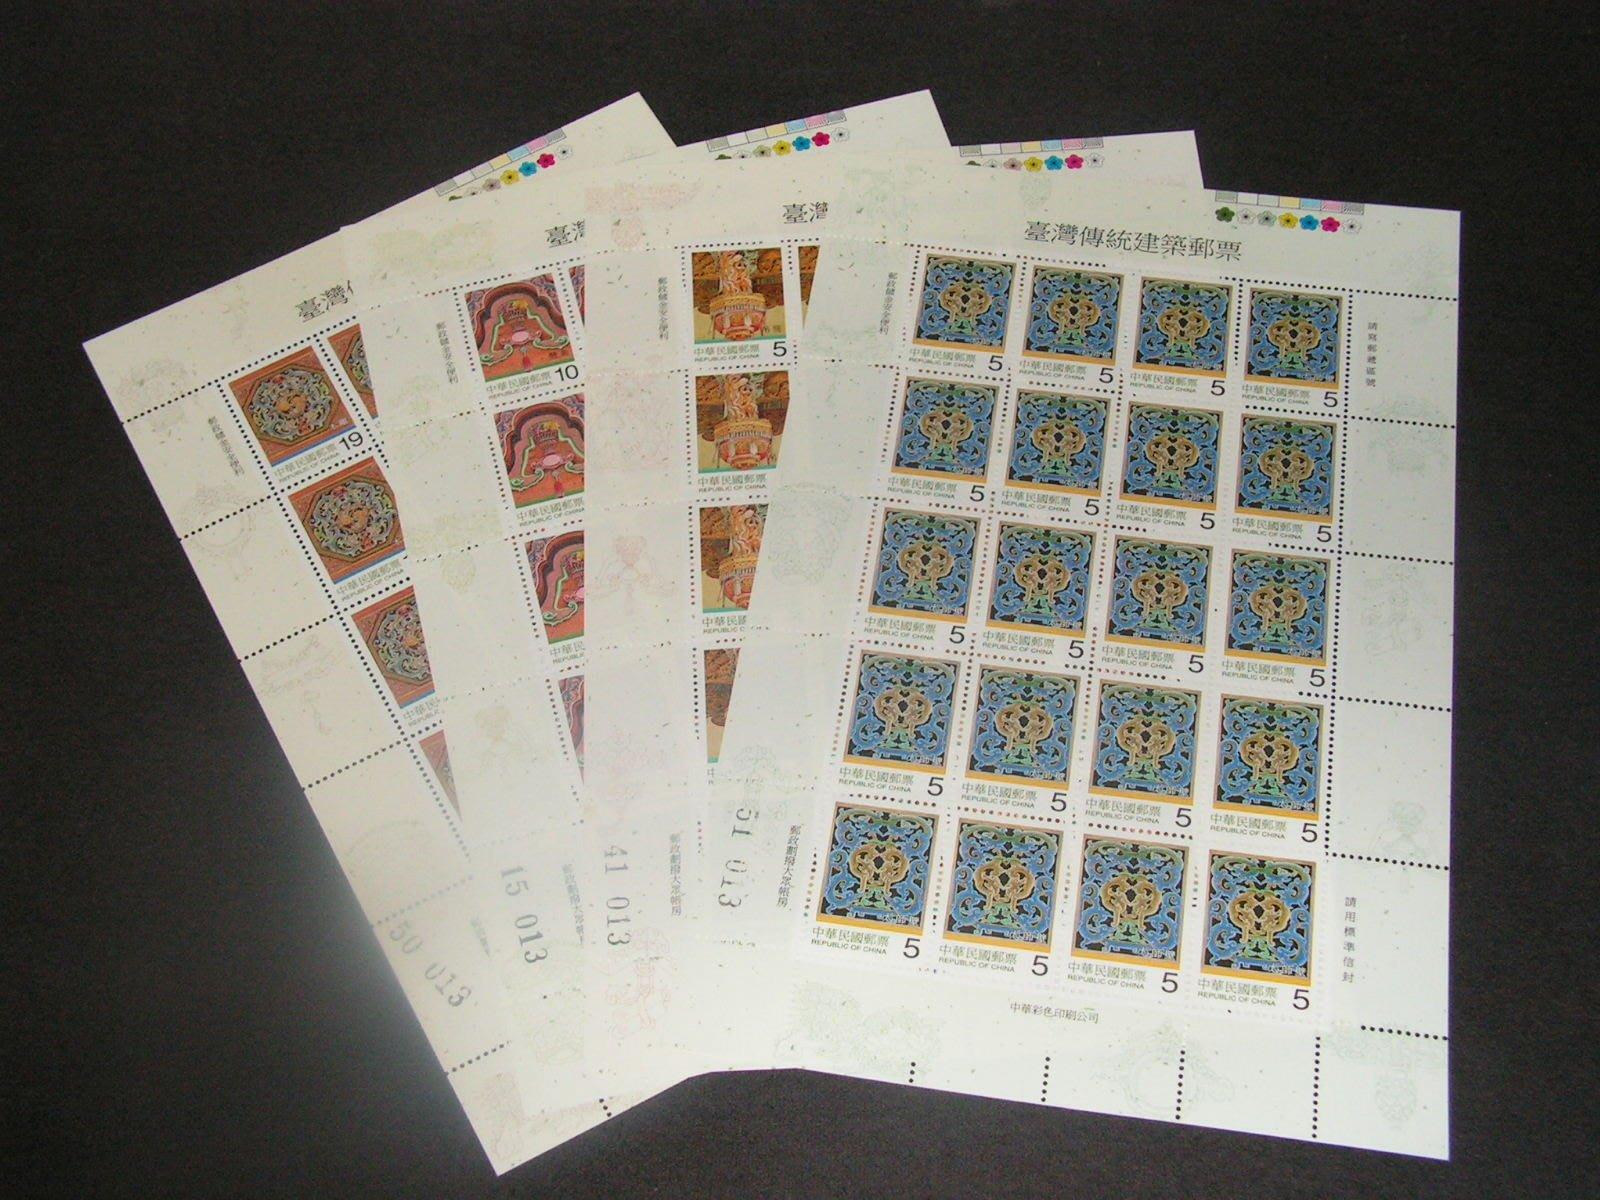 【愛郵者】〈版張〉88年 台灣傳統建築 4全 一版=20套 無中折 / 特398(專388) 88-6版